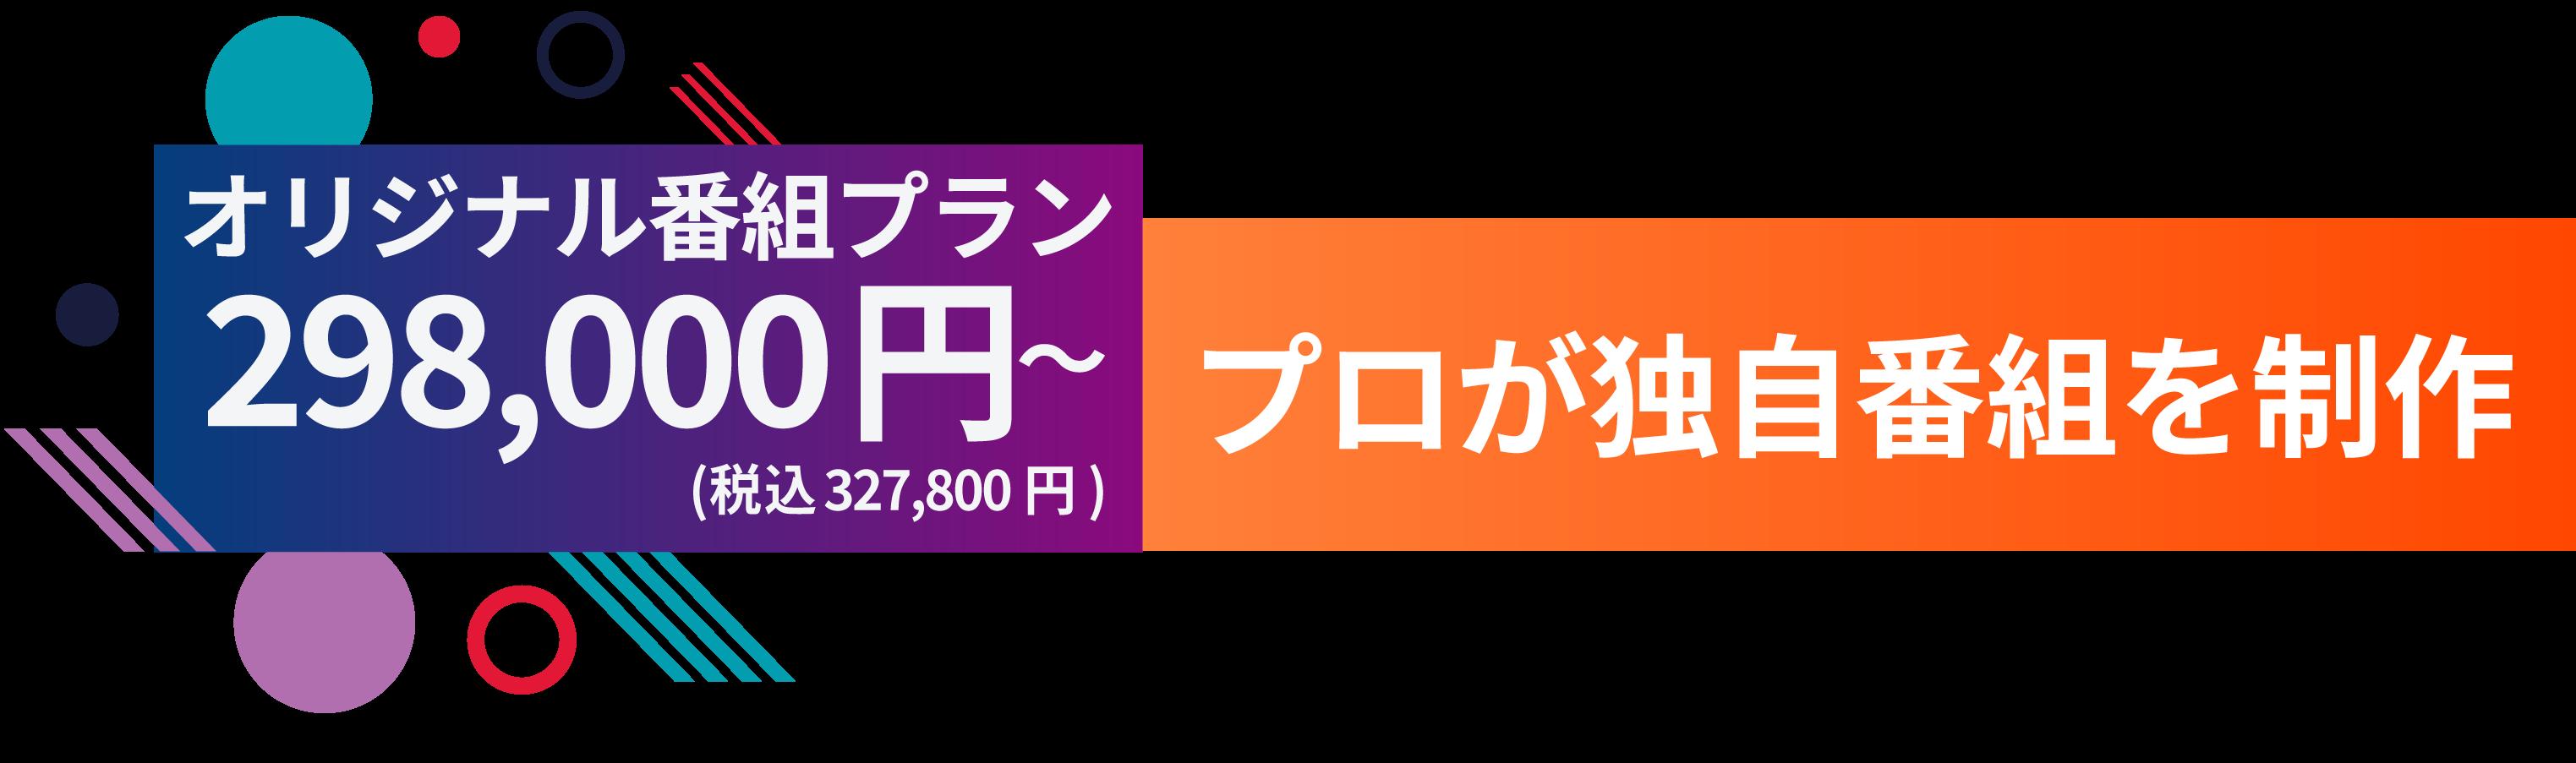 オリジナル番組プラン298,000円~